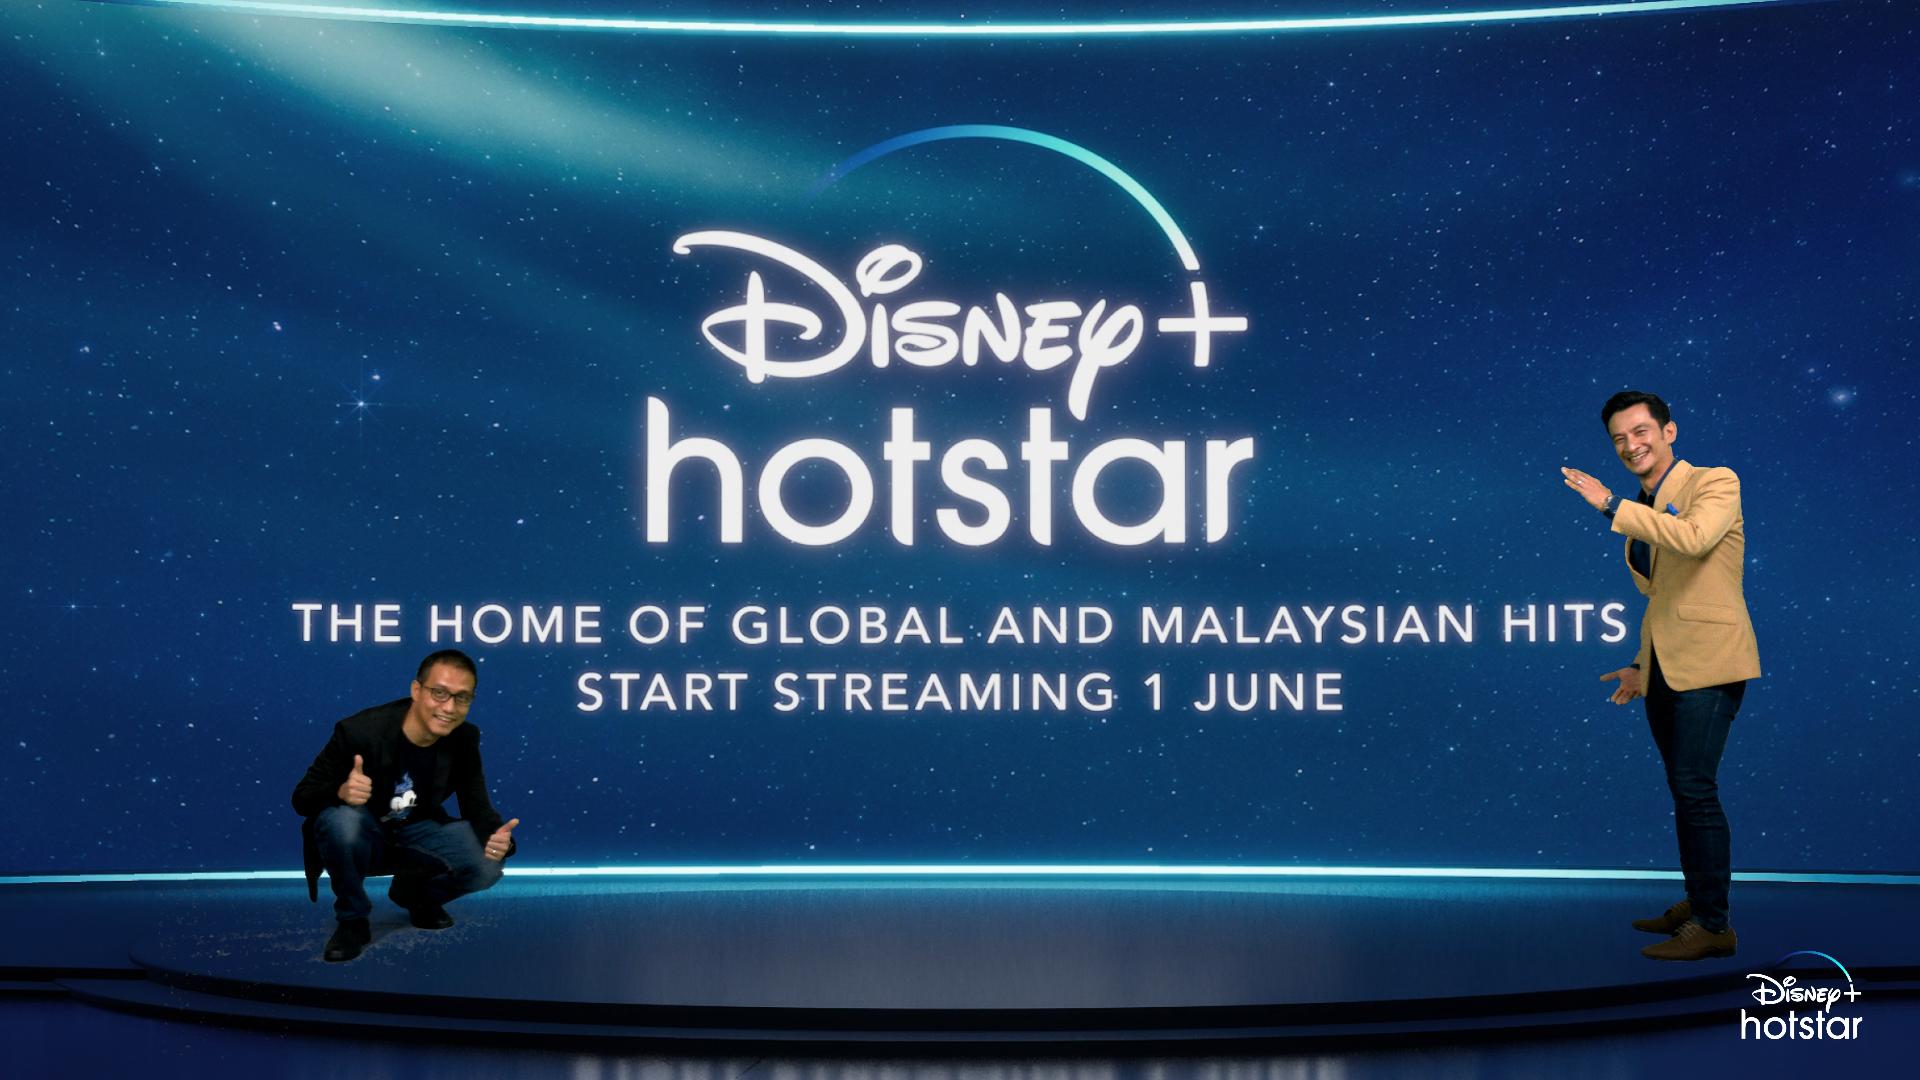 阿末依占(左起)和主持人纳兹鲁丁(Nazrudin Rahman)出席Disney+ Hotstar线上推介礼。-Disney+ Hotstar提供-